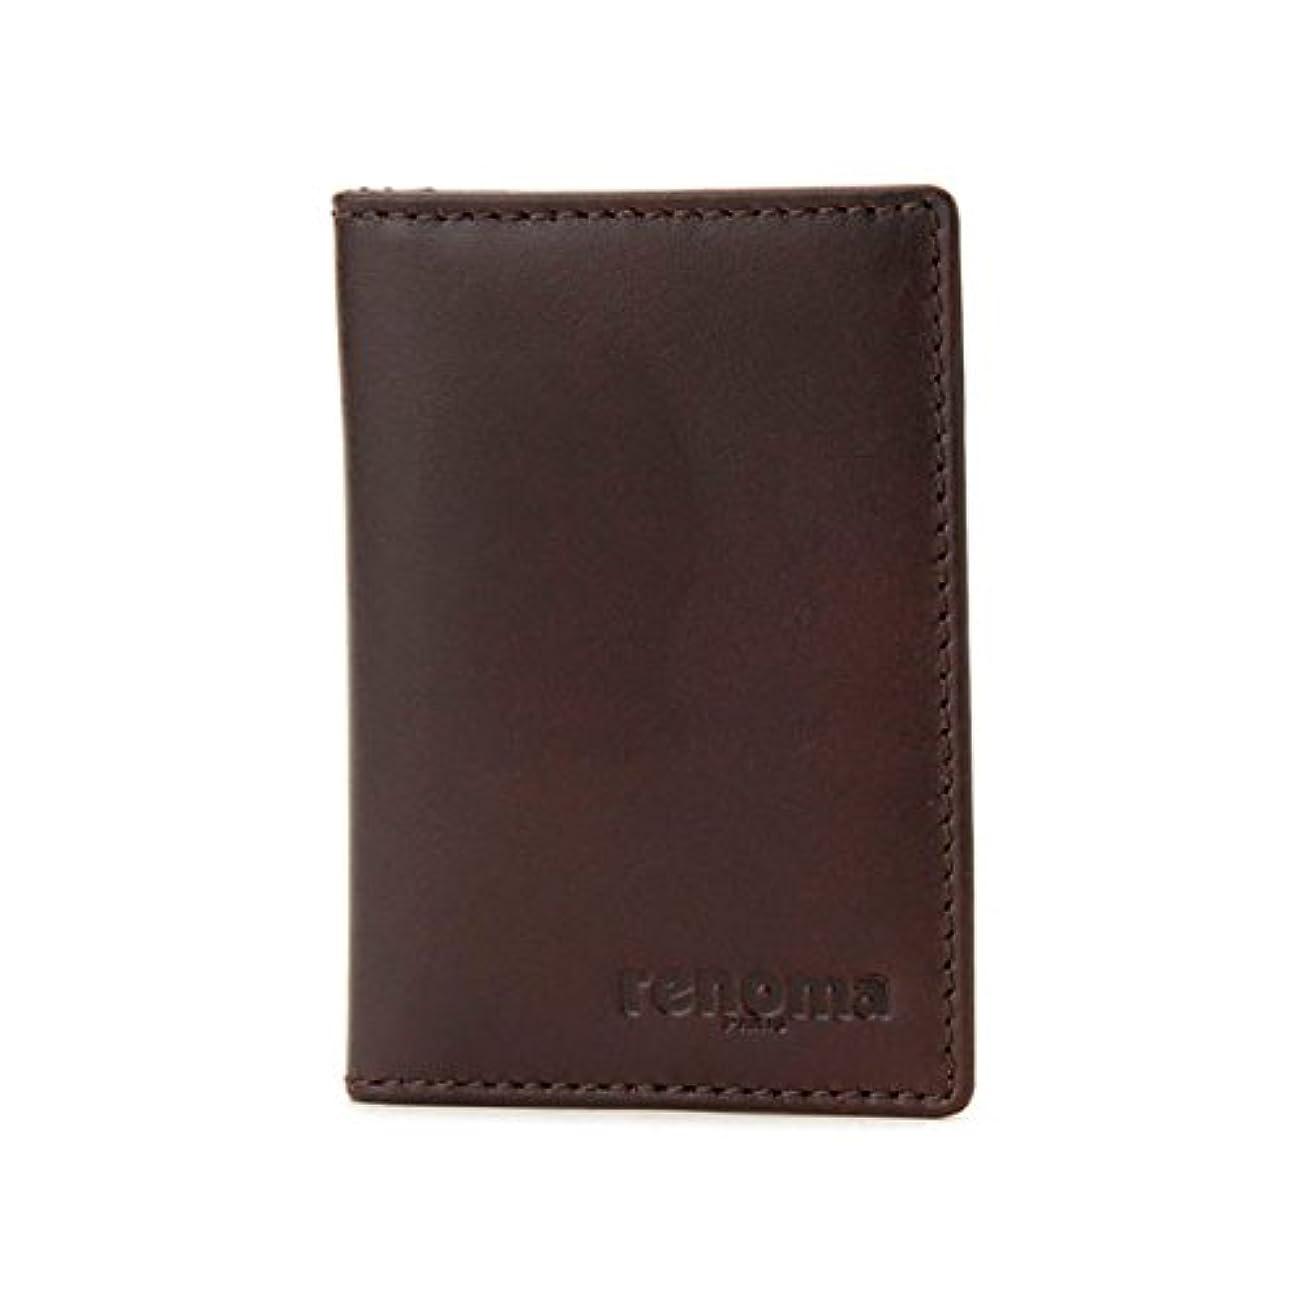 ジャニス例欲望レノマ renoma カードウォレット パスケース メンズ RE9007-002 ブラウン 財布?小物 カードケース mirai1-512791-ah [並行輸入品] [簡素パッケージ品]